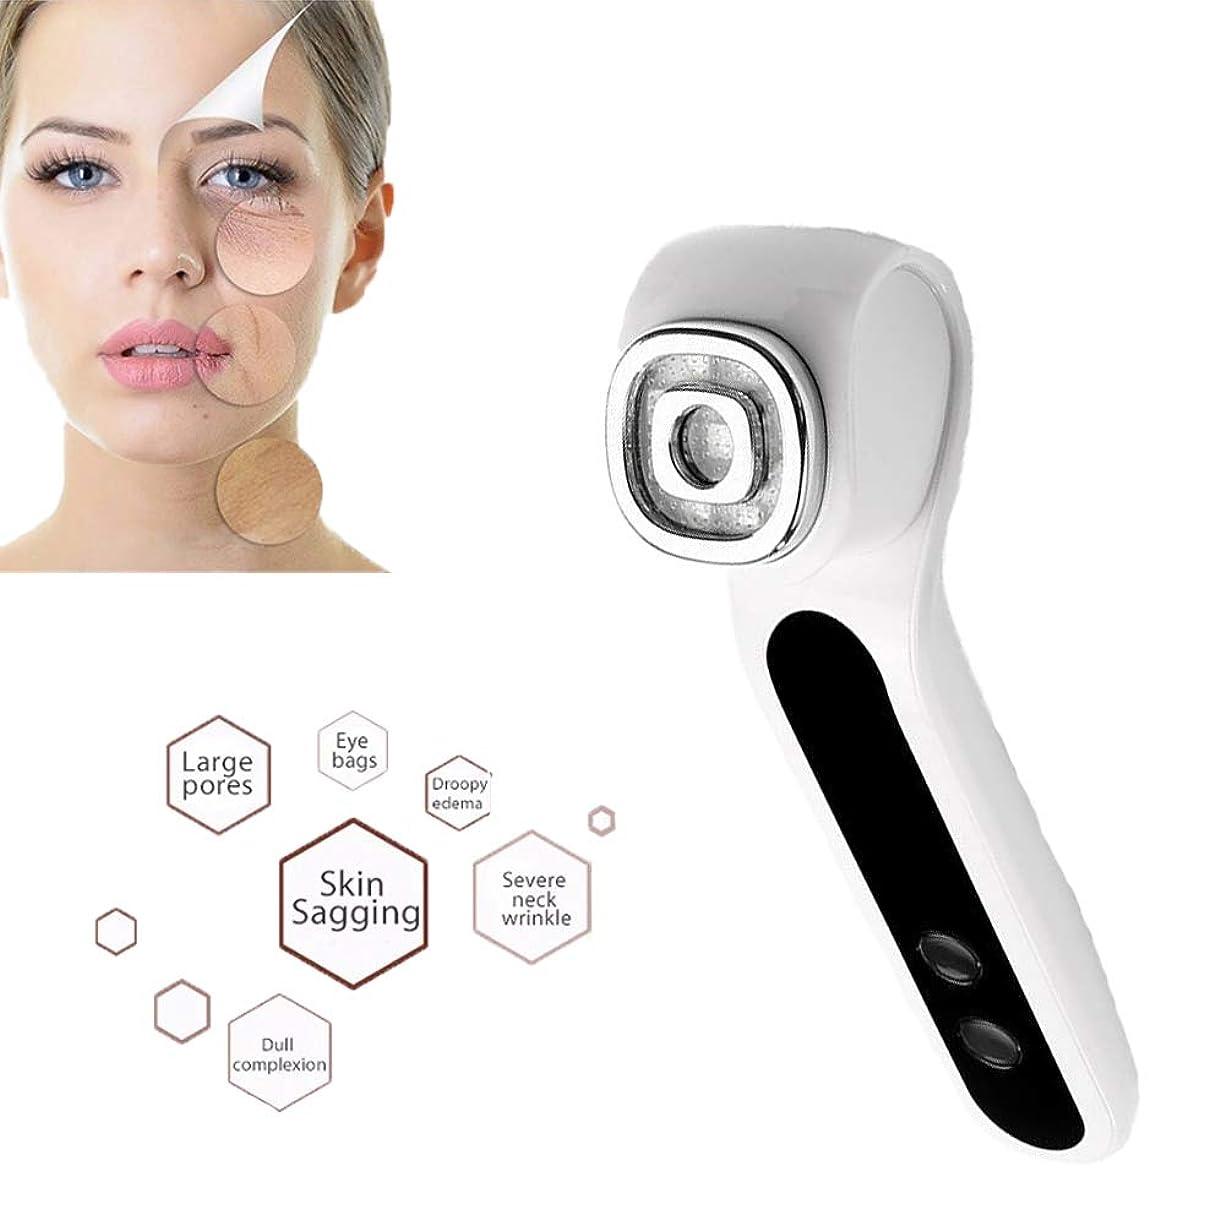 黙認するアウトドア想定する美容化粧品LED光子療法RF + EMSリフティングイオンクレンジング振動肌の整形マッサージ用家庭用